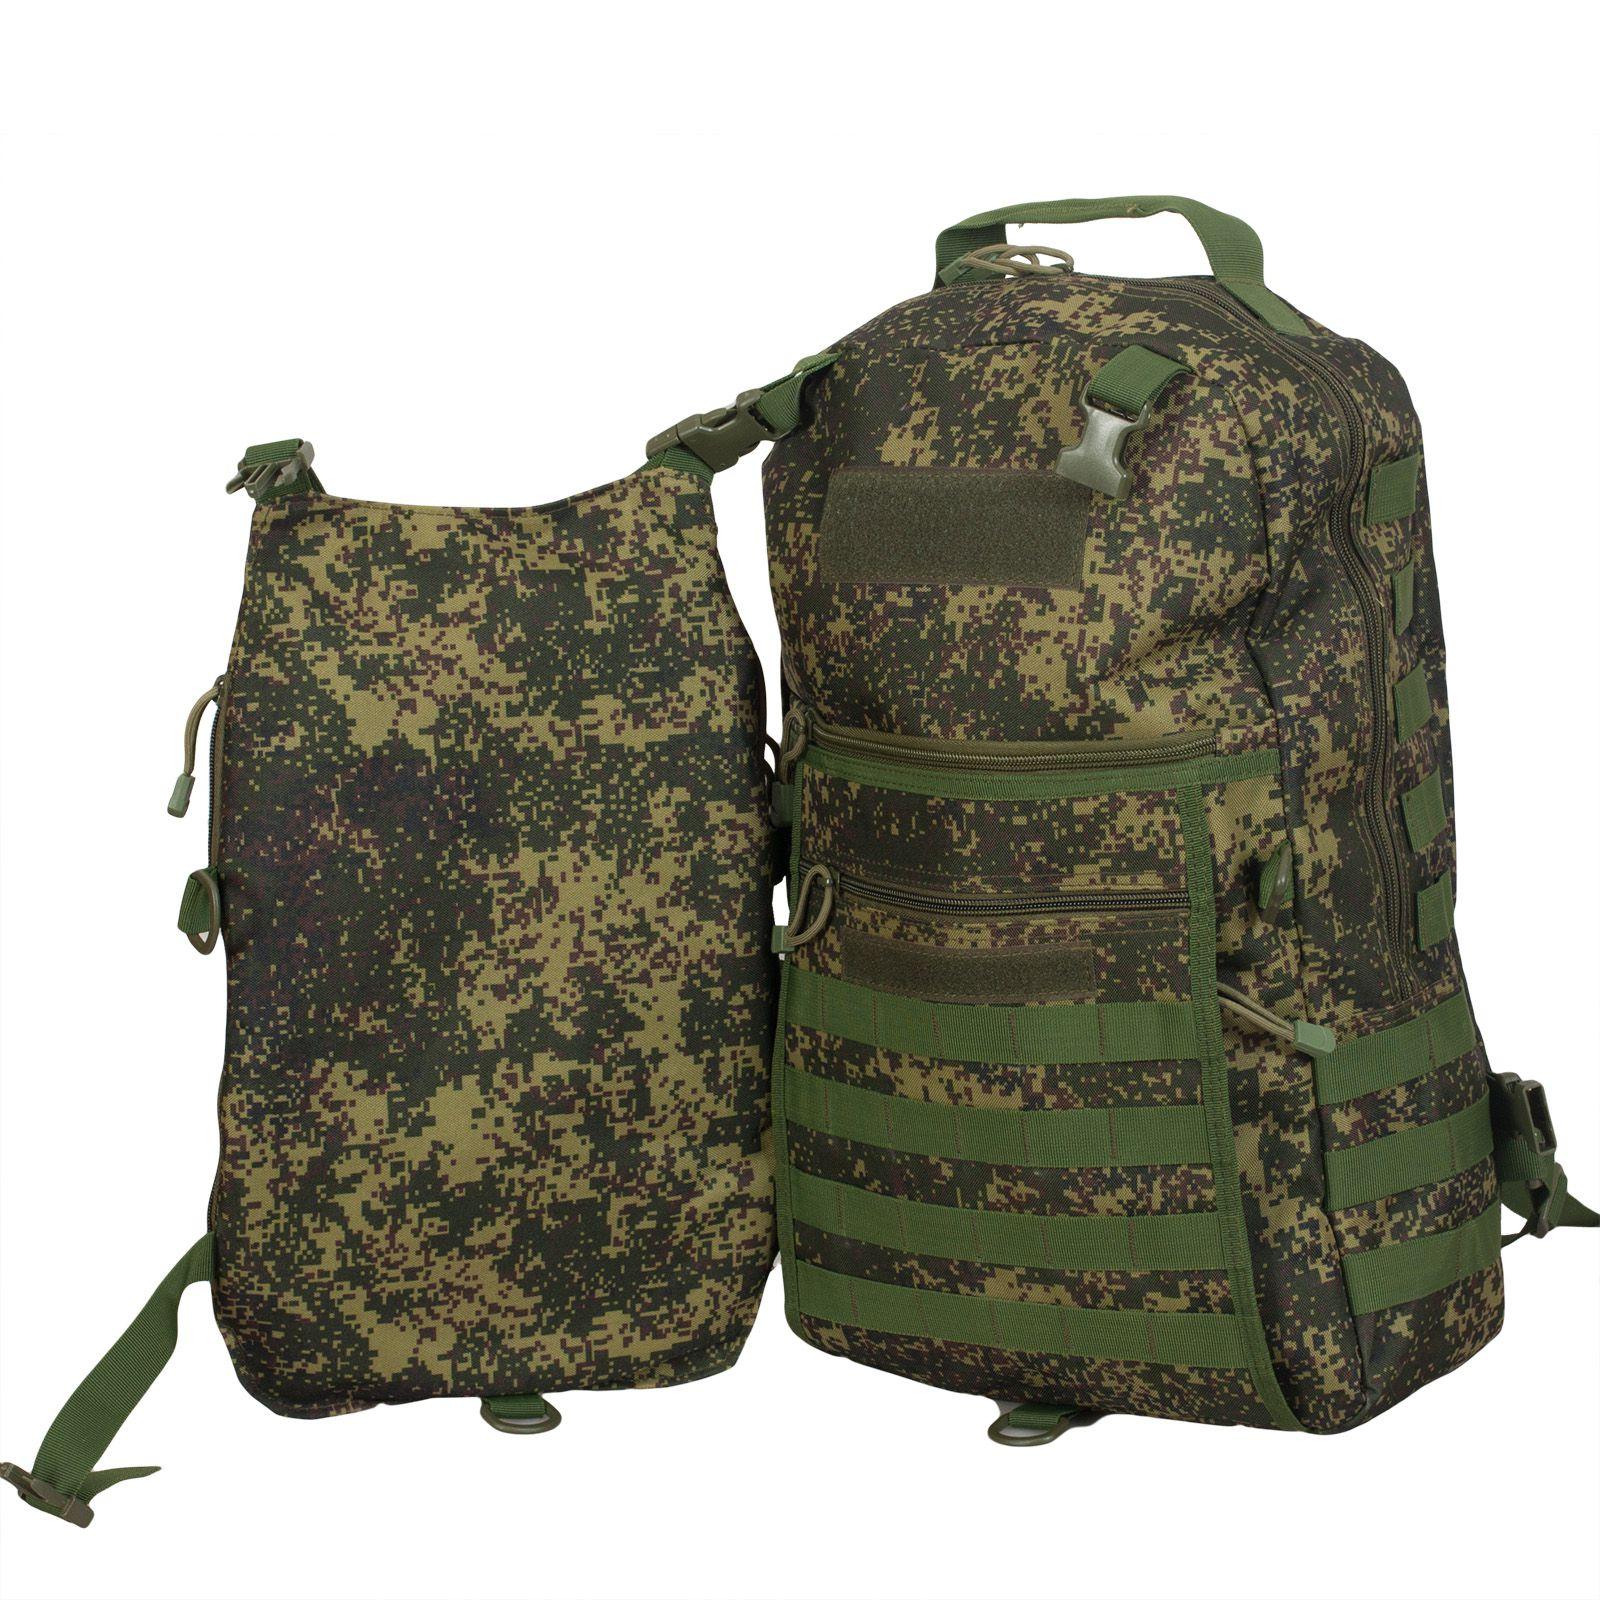 Камуфляжный однодневный рюкзак с нашивкой МВД - заказать онлайн